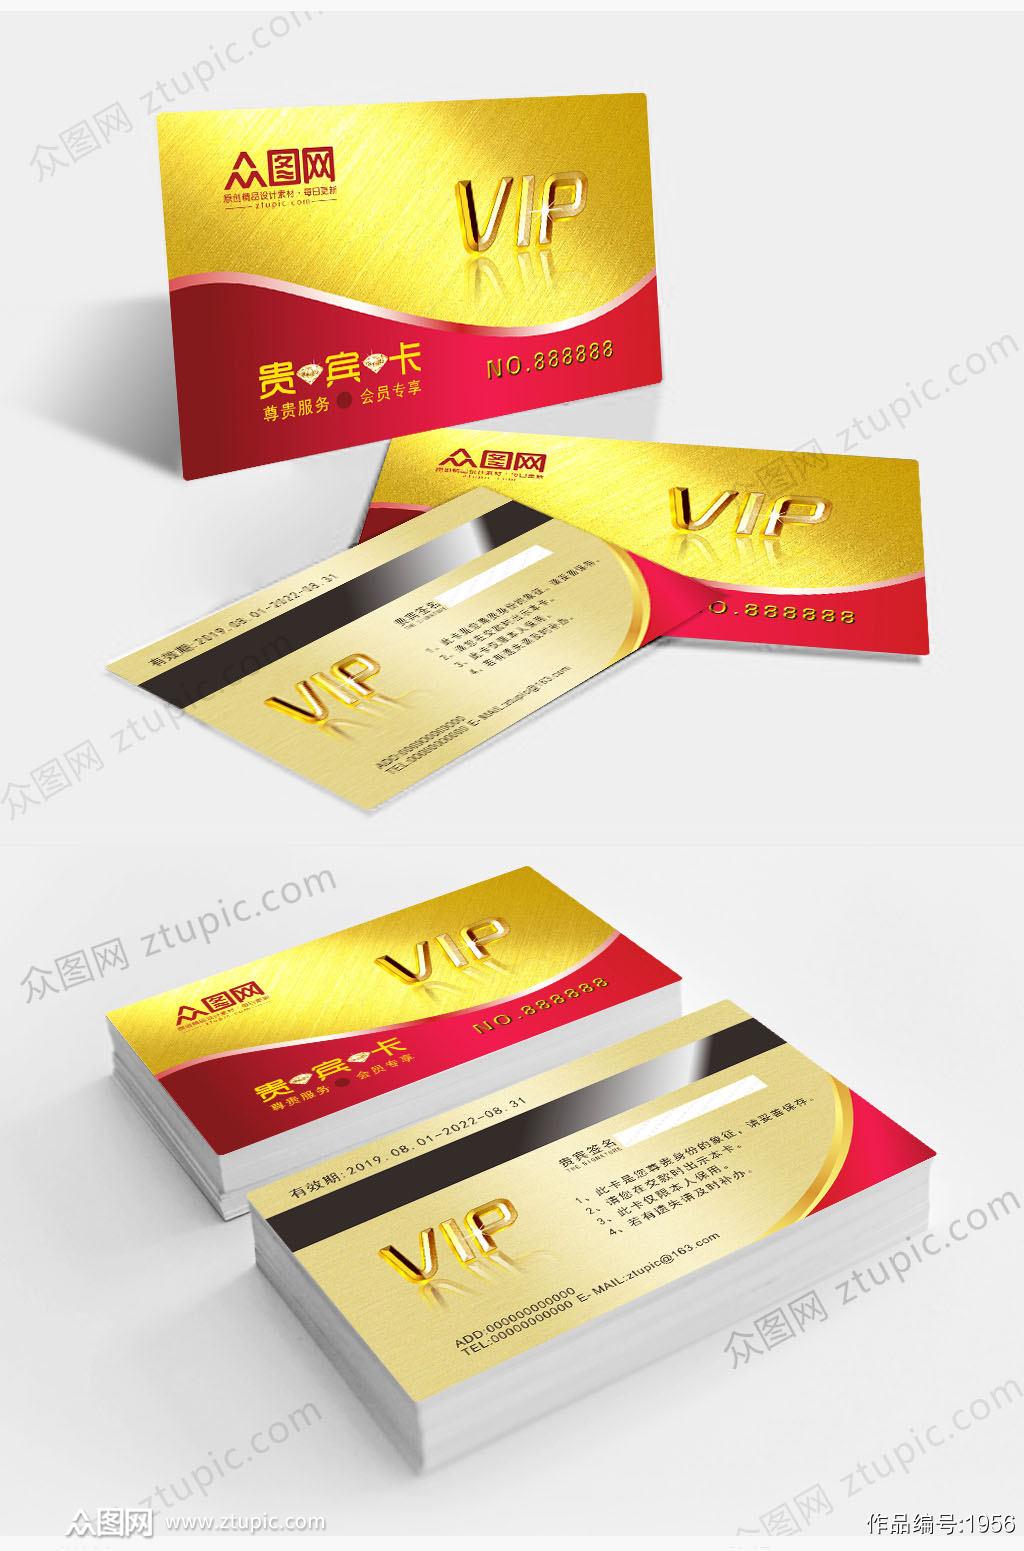 金色花纹黑底VIP贵宾卡素材